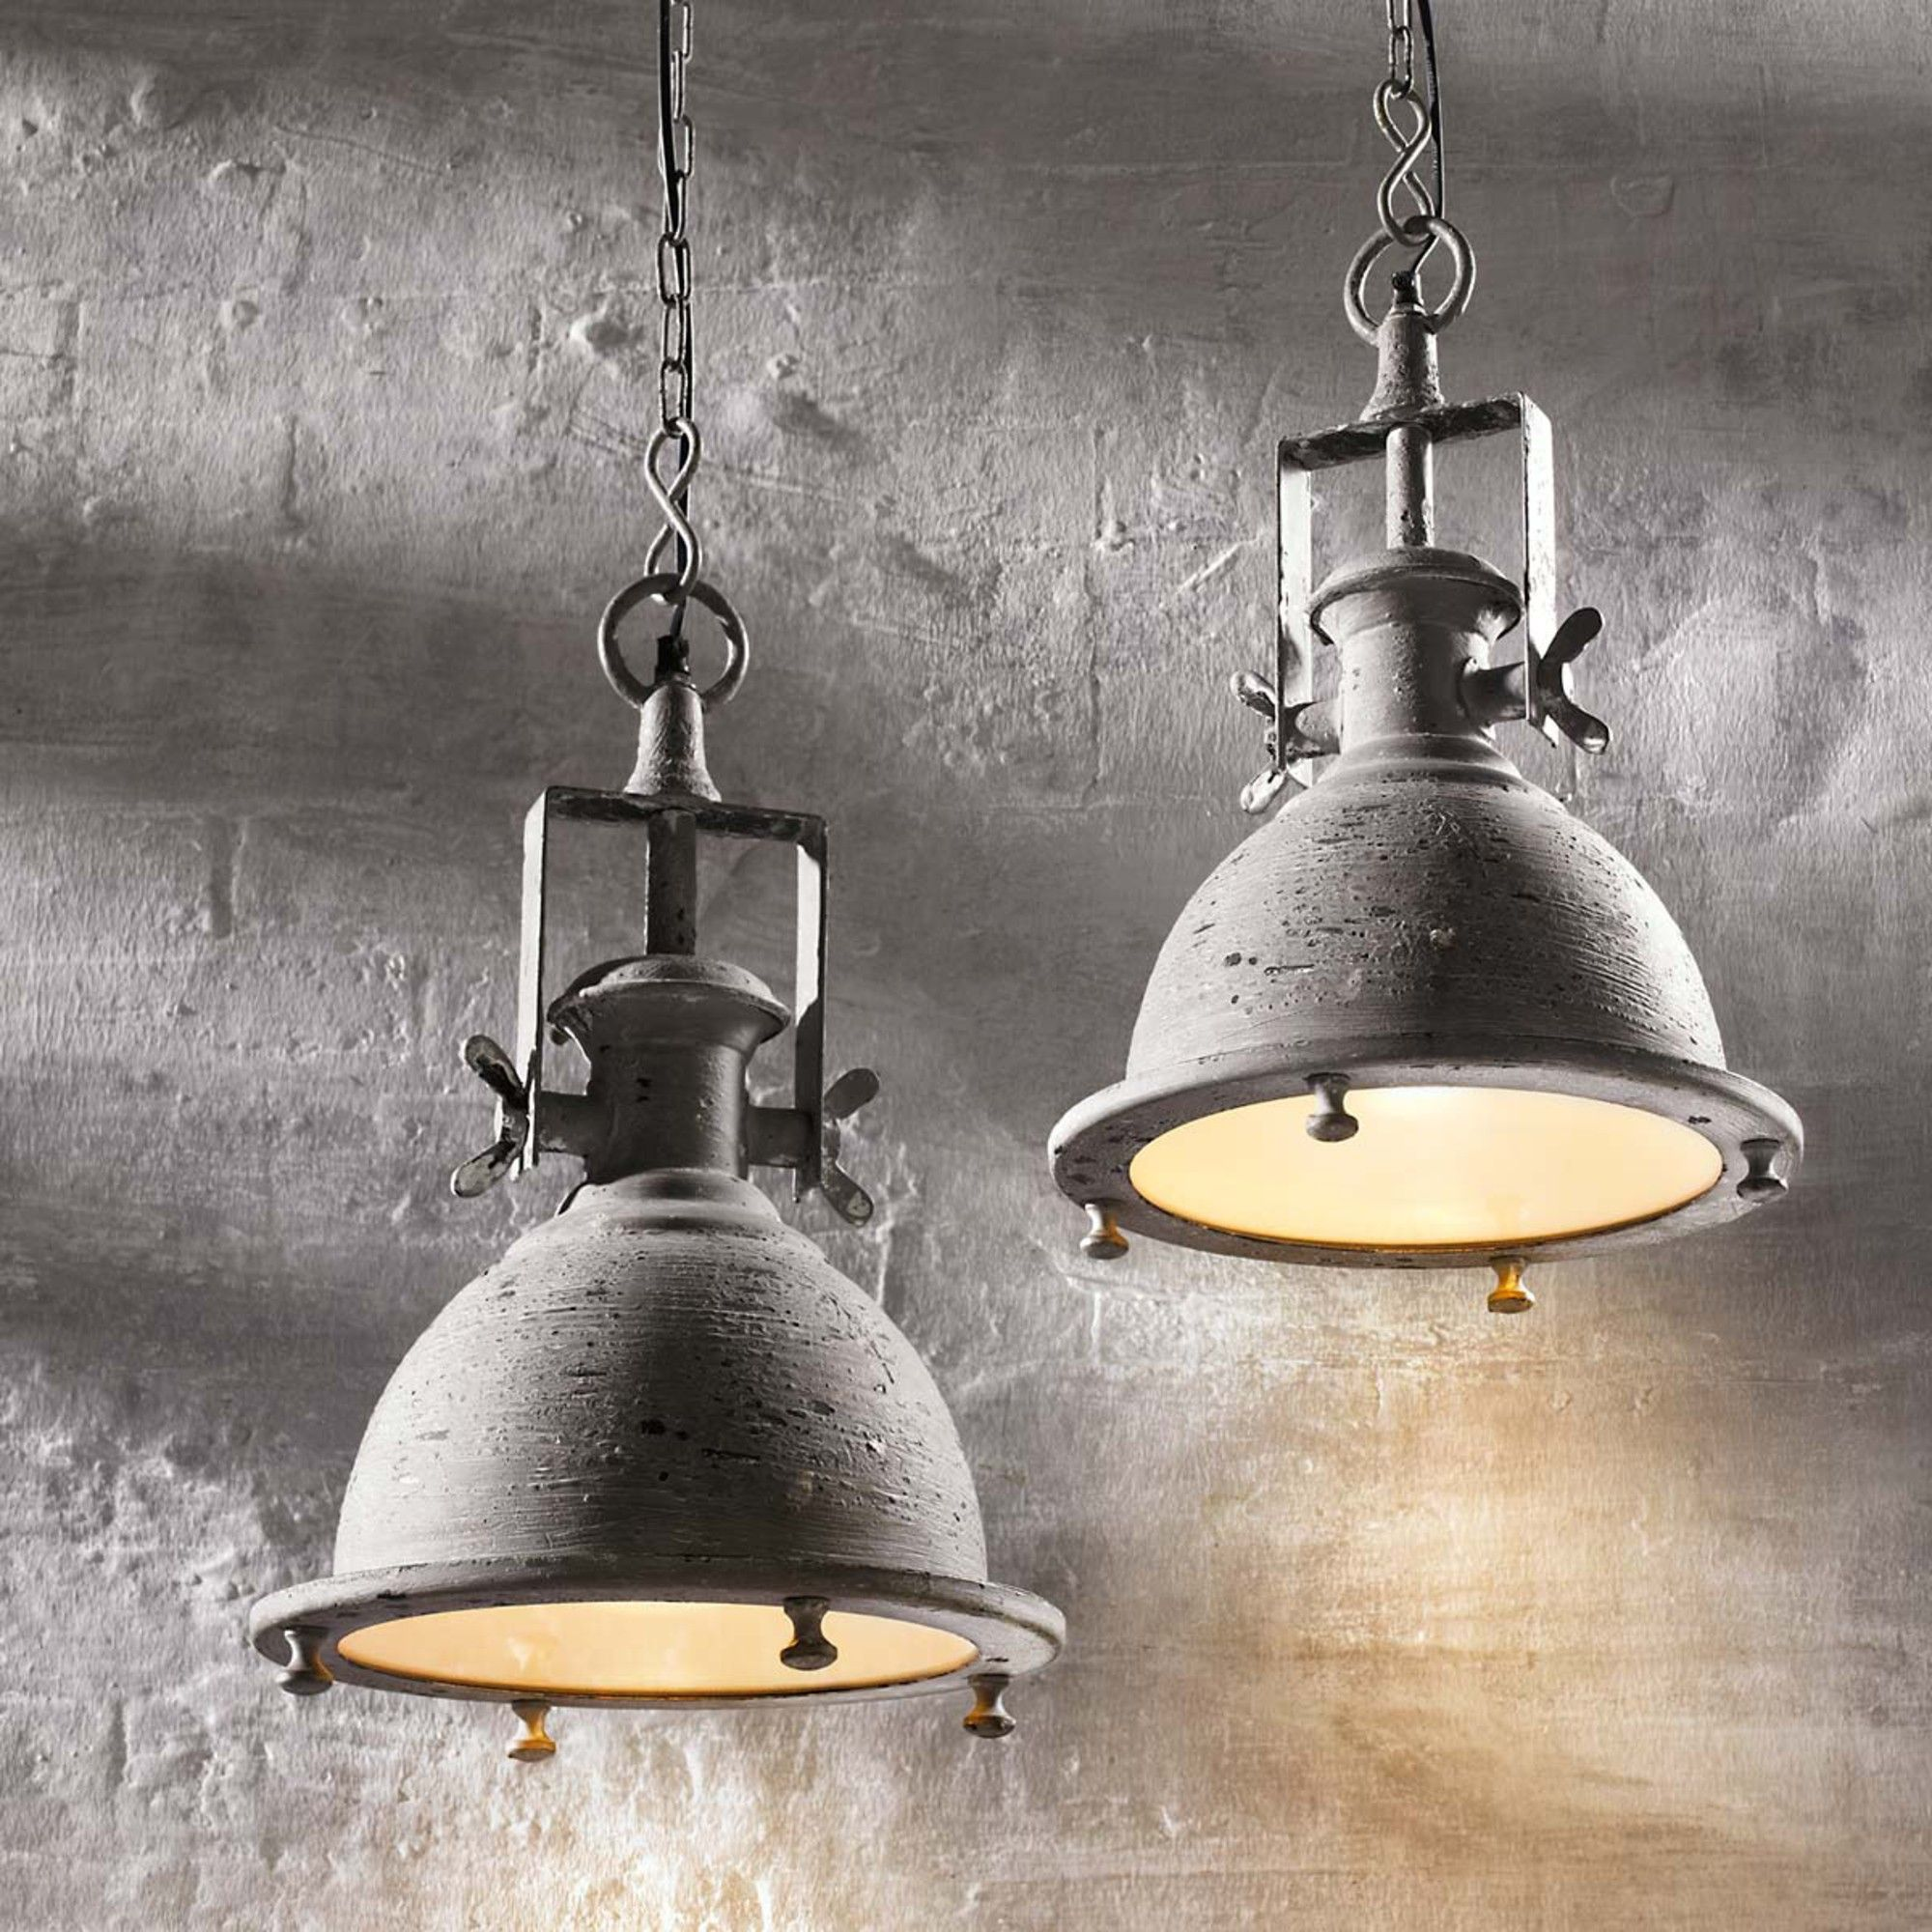 Epic Eine besondere Deckenleuchte Vintage Lampe im Indusrial Look aus Metall gefertigt Jetzt Vintage Lampen bestellen bei MY LOVELY HOME